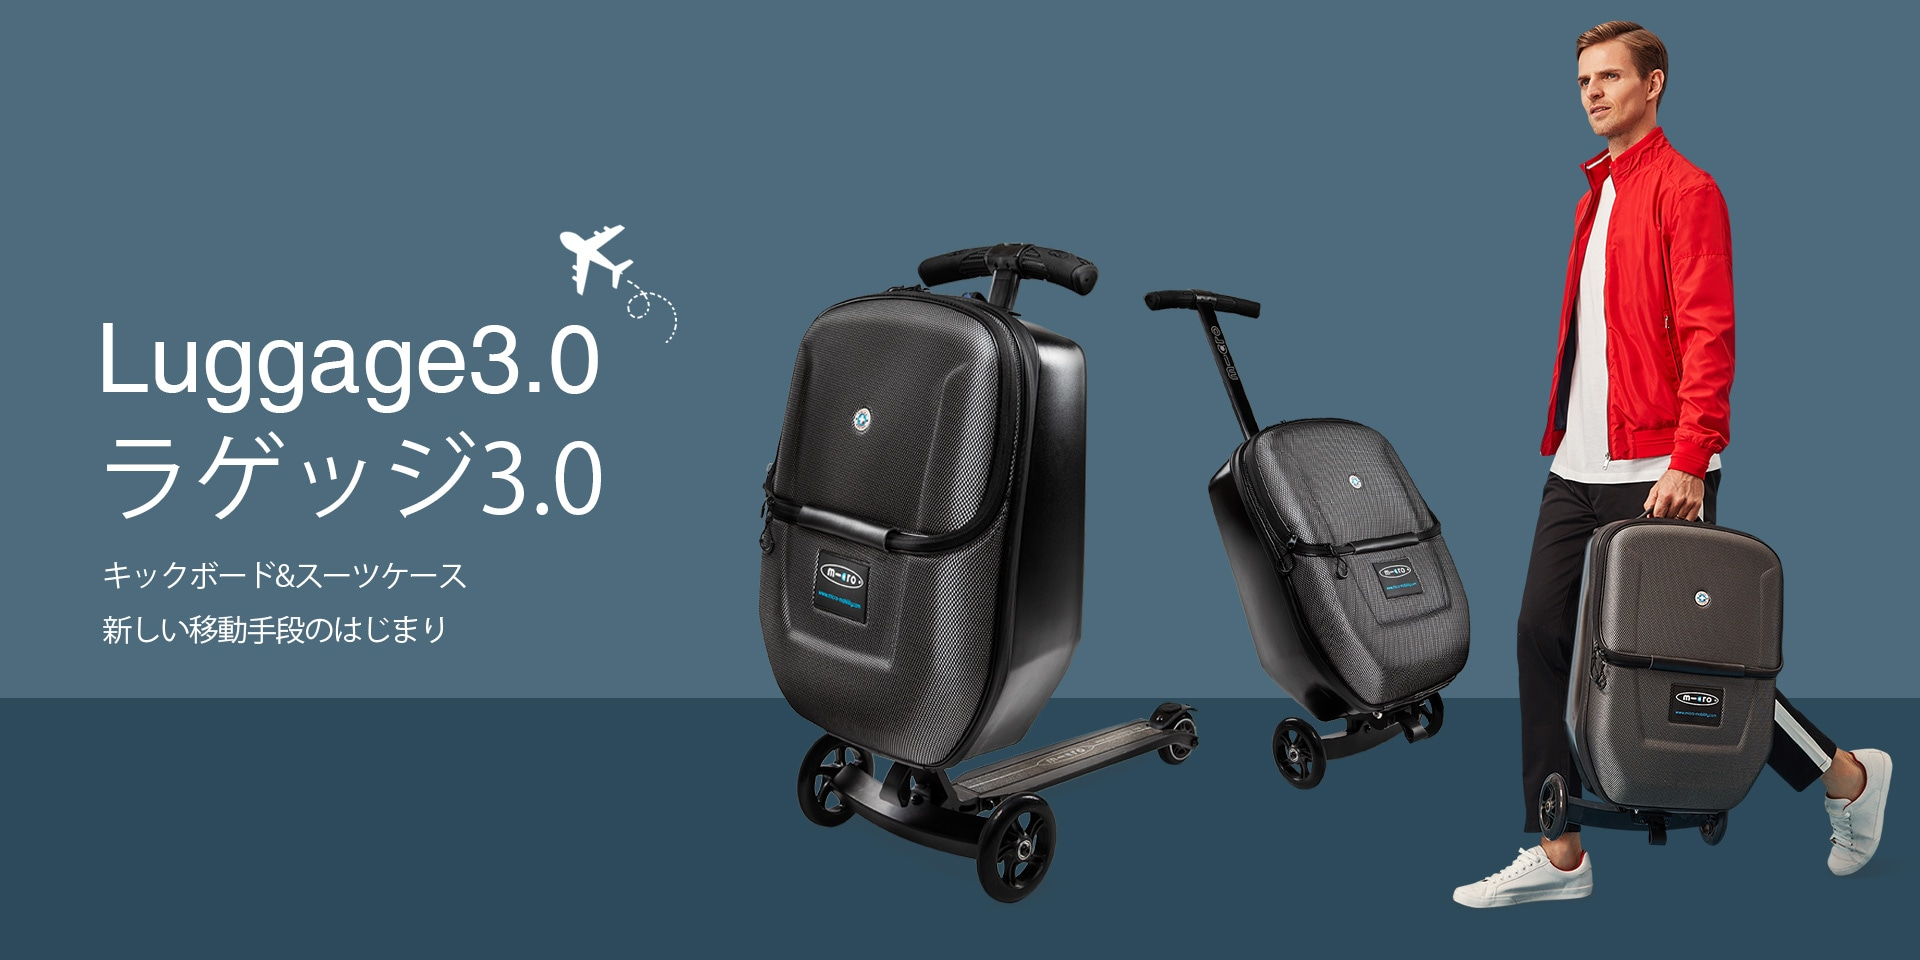 Luggage3.0